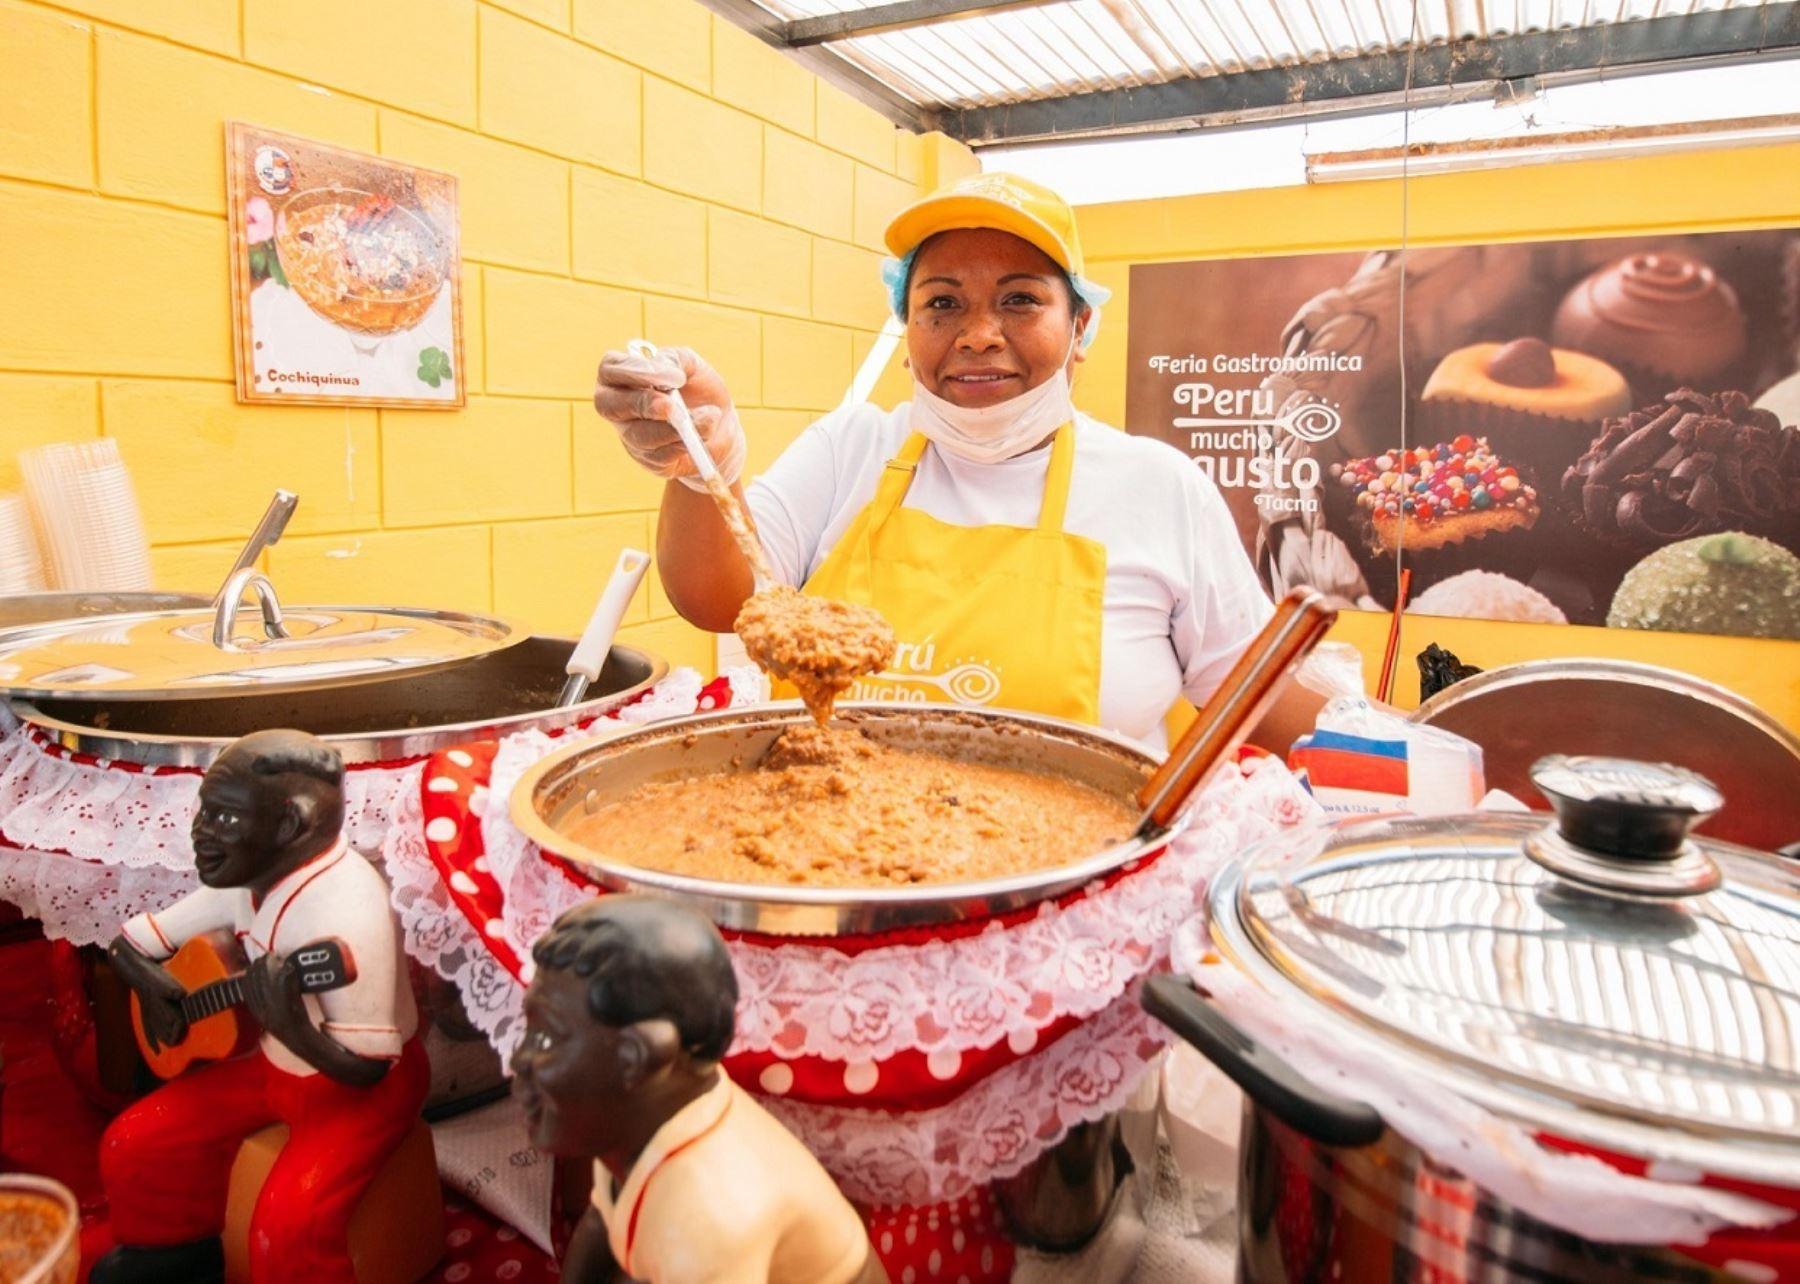 Más de 33,000 personas disfrutaron en Tacna de feria gastronómica Perú, mucho gusto.